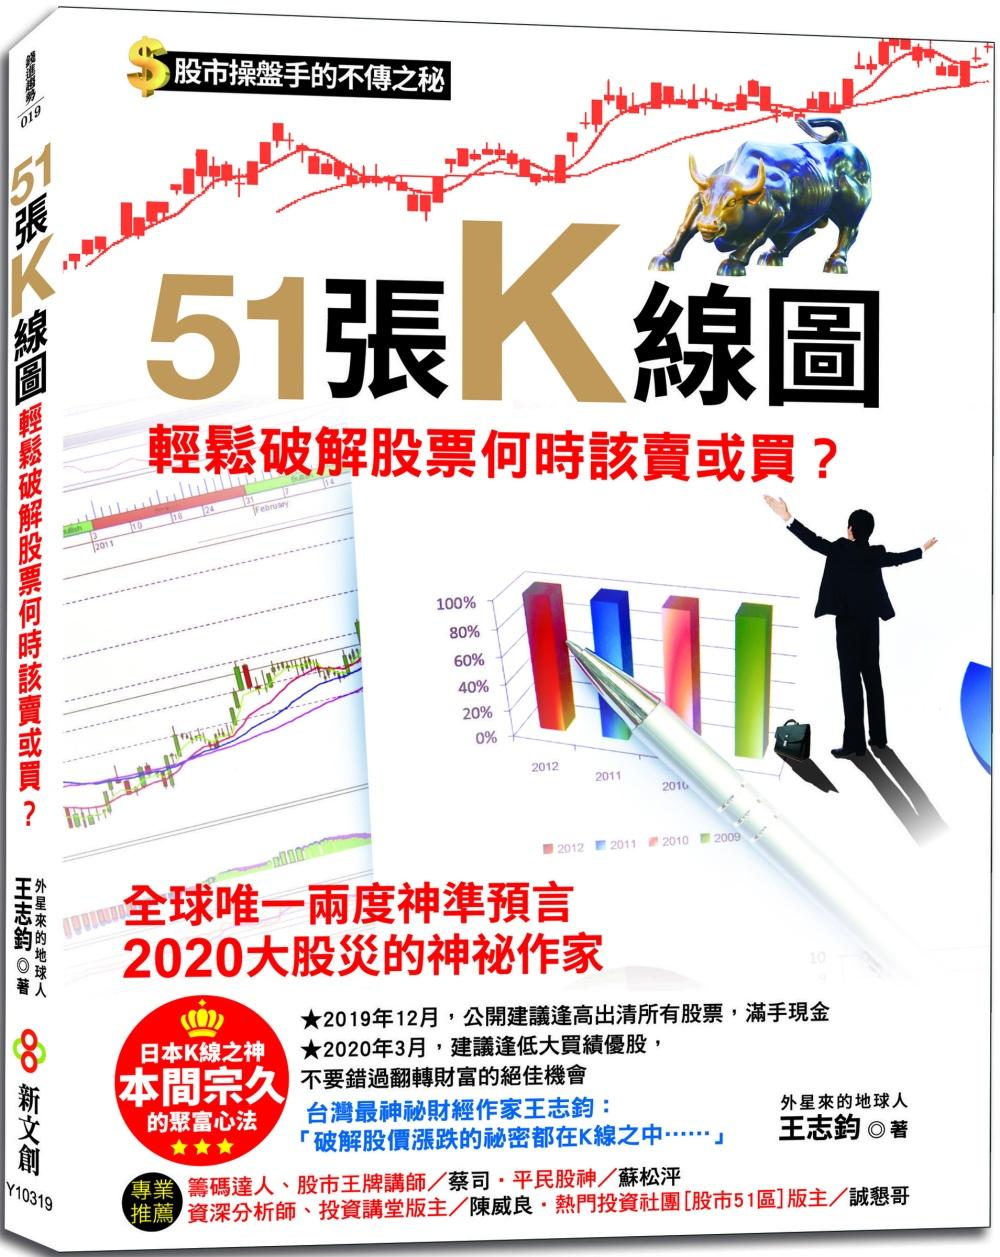 51張K線圖,輕鬆破解股票何時該賣或買?:股市操盤手的不傳之祕,日本K線之神本間宗久的聚富心法